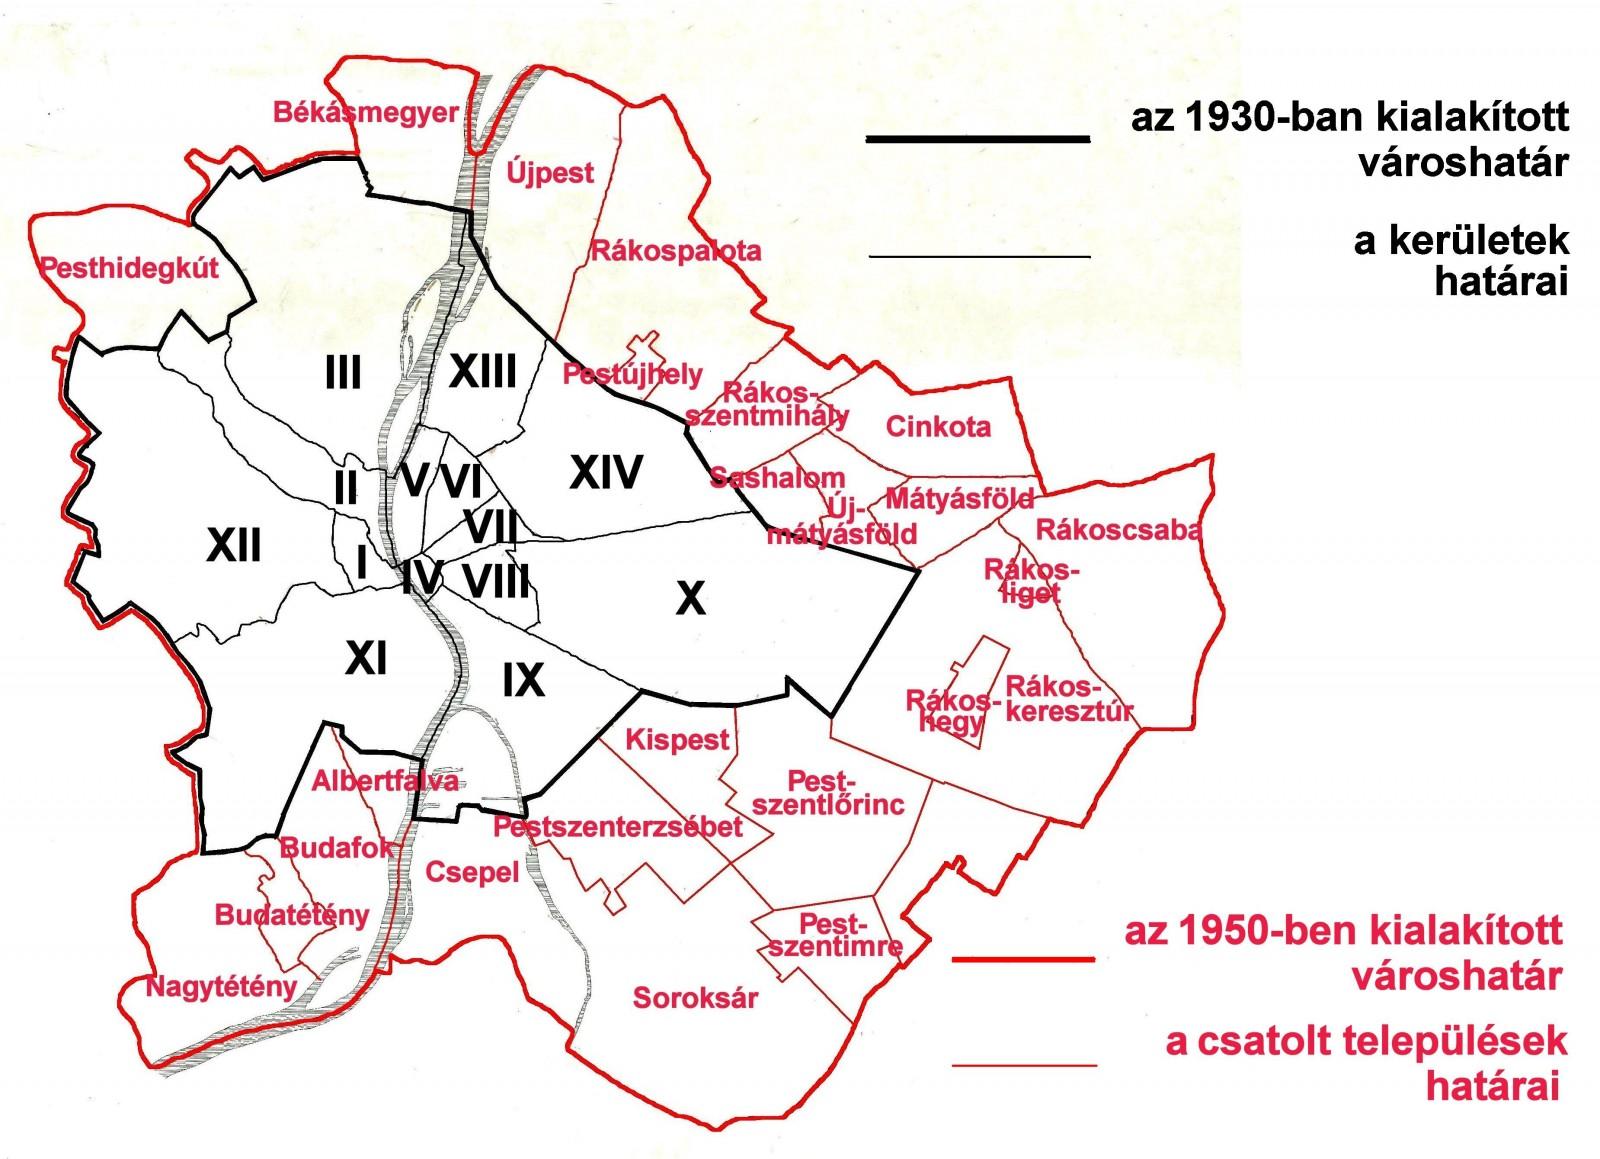 budapest térkép 1950 One big city, however you size it up   The Budapest Times budapest térkép 1950